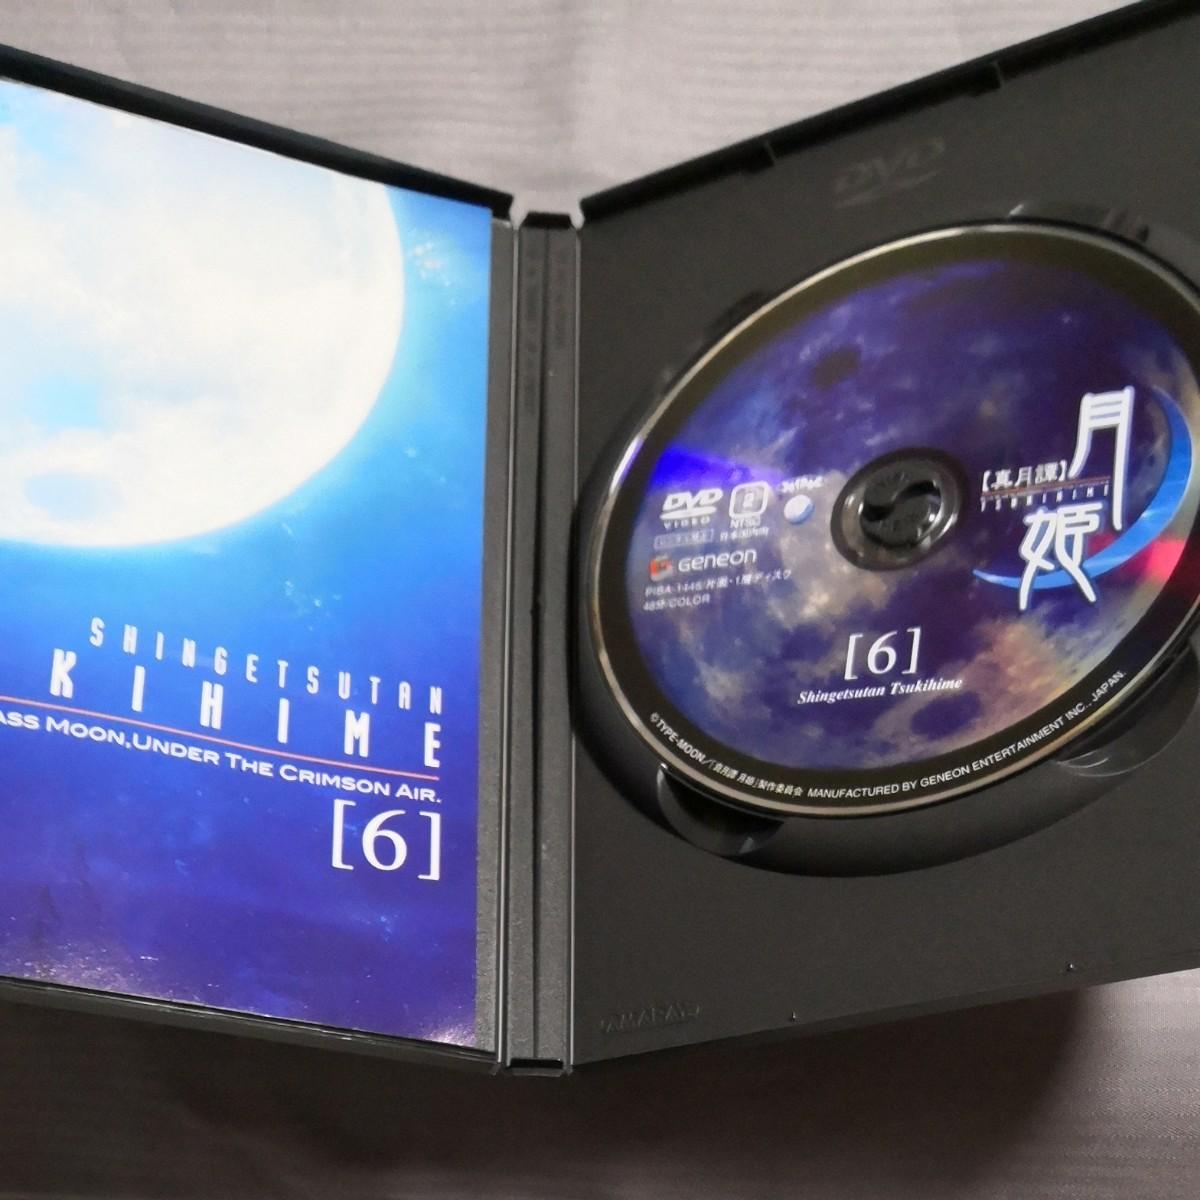 真月譚 月姫 全巻DVDボックス 全巻 セット【匿名配送】【送料無料】